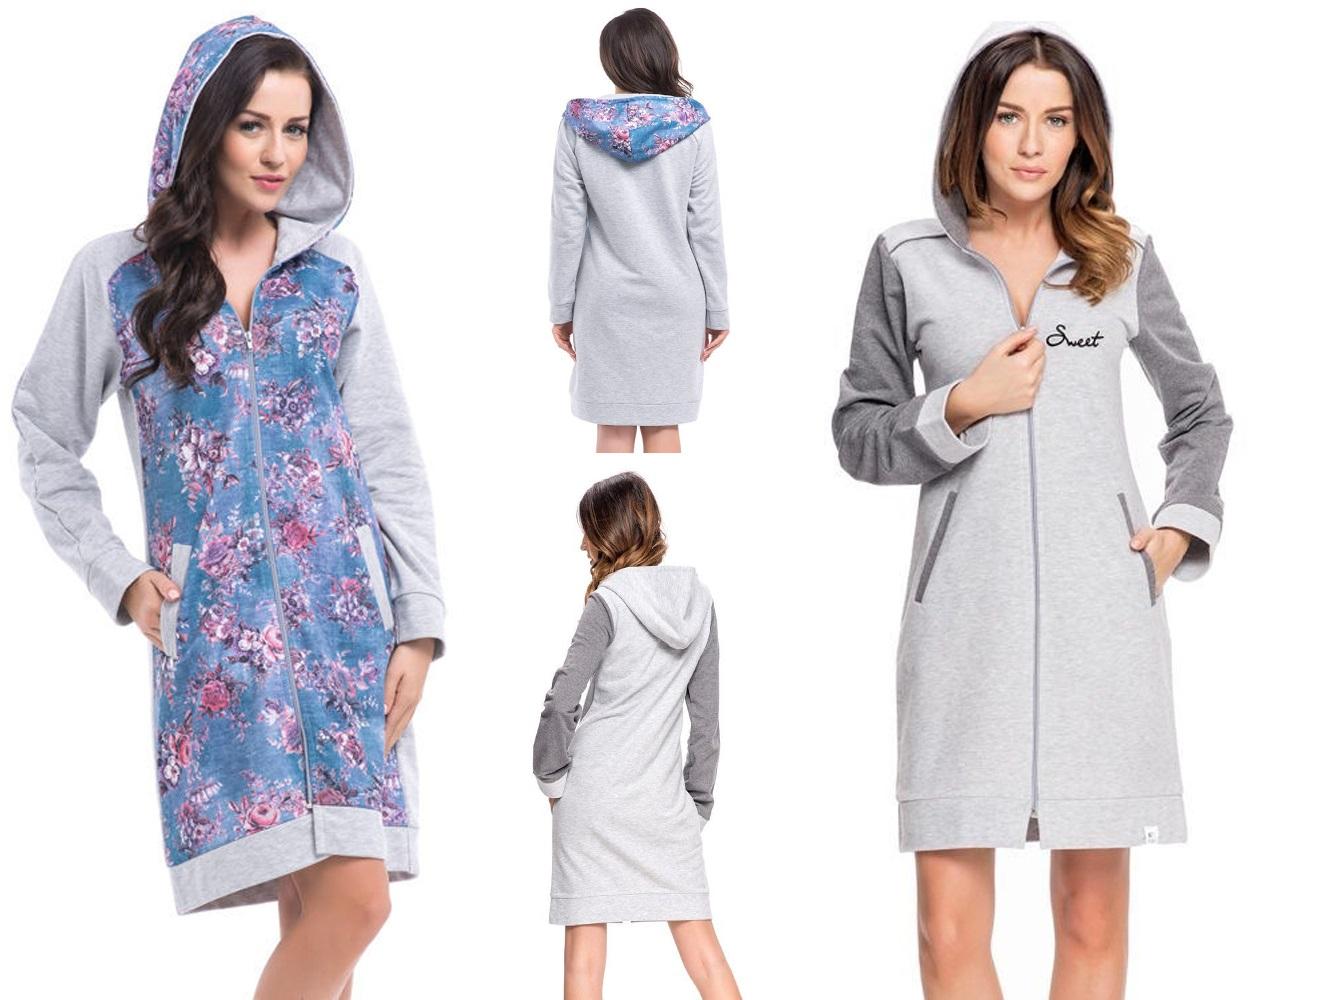 Женские халаты хлопок DobraNocka купить интернет-магазин Киев